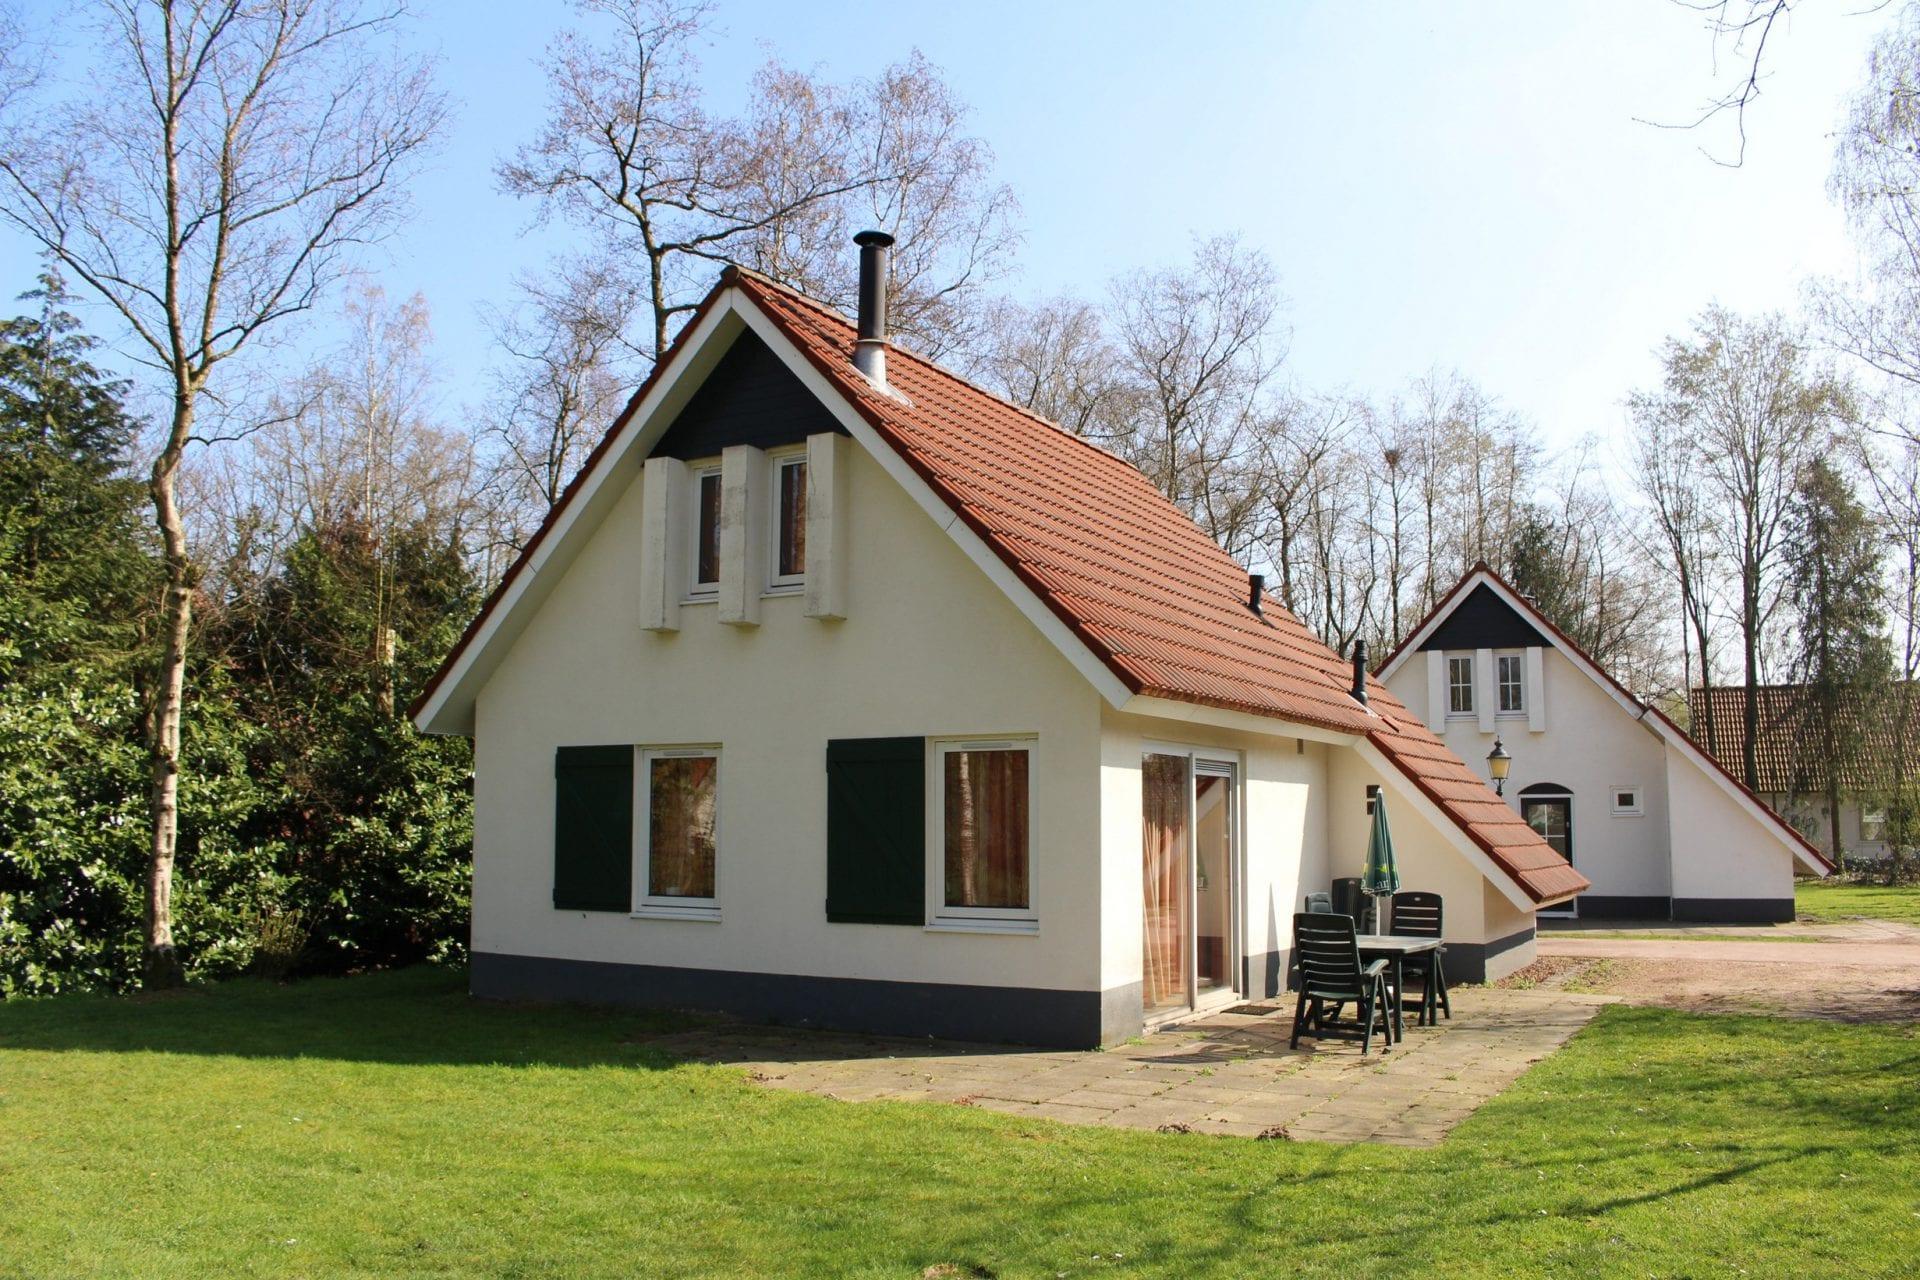 1 Landgoed De Elsgraven - Vakantiehuis nr. 72- 6-persoons comfort